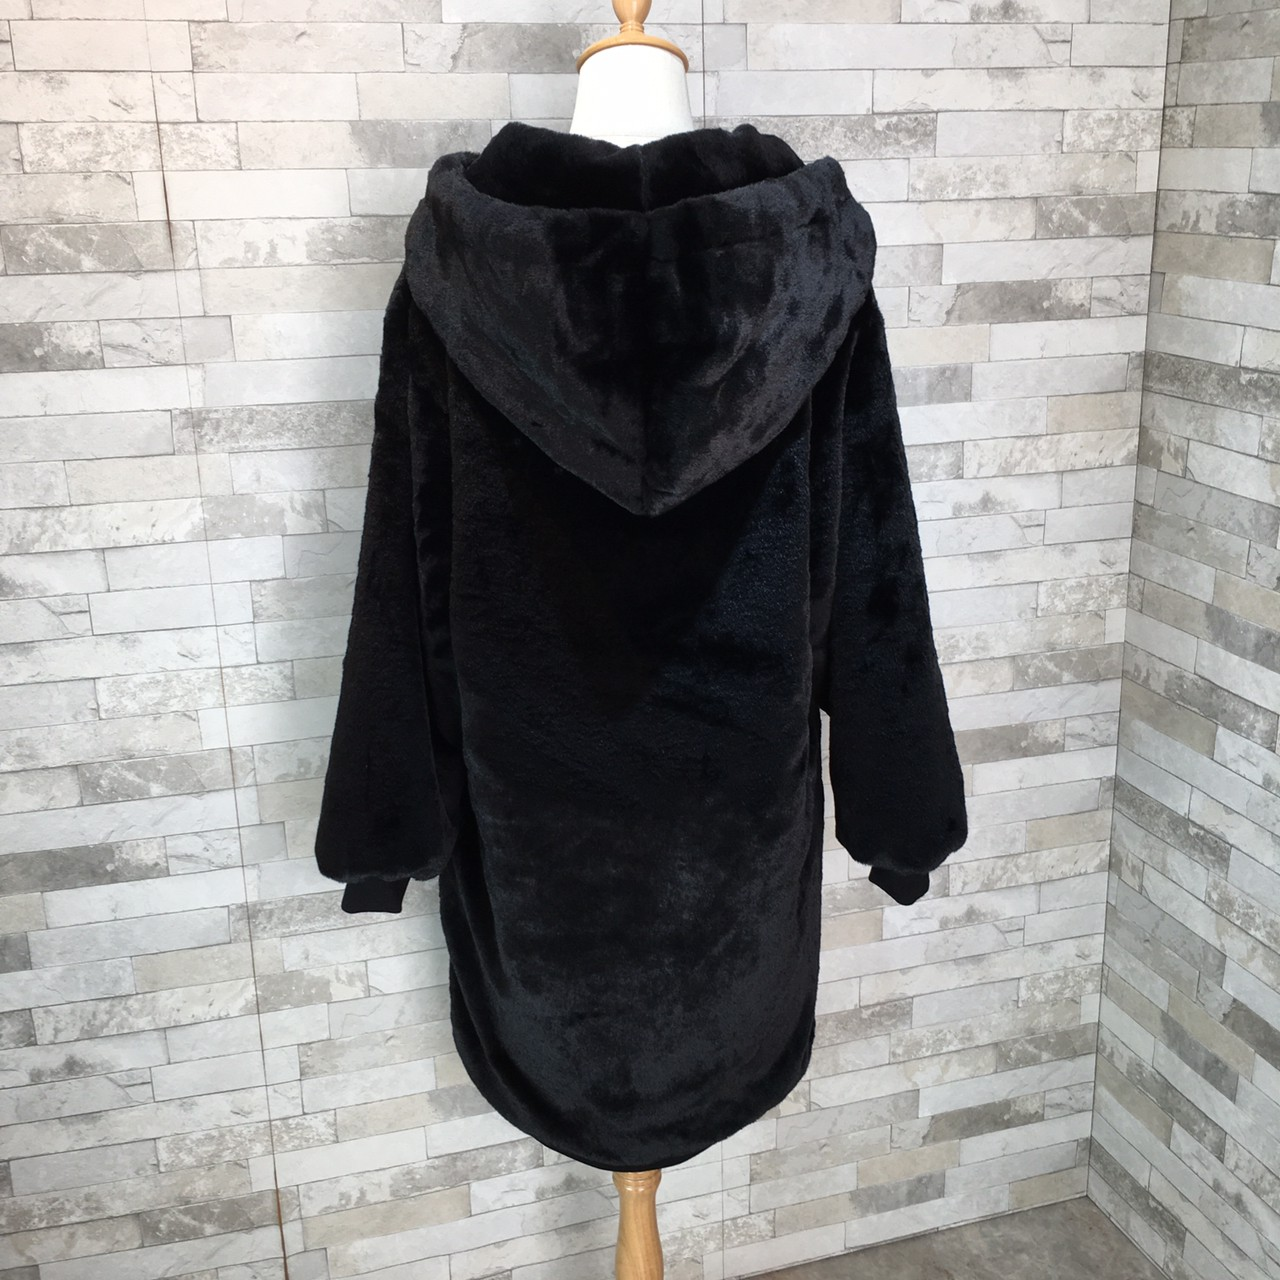 【即納】韓国 ファッション アウター ムートン ファーコート 秋 冬 カジュアル SPTXC599  もこもこ ふわふわ エコファー パーカー オーバーサイズ フ オルチャン シンプル 定番 セレカジの写真11枚目